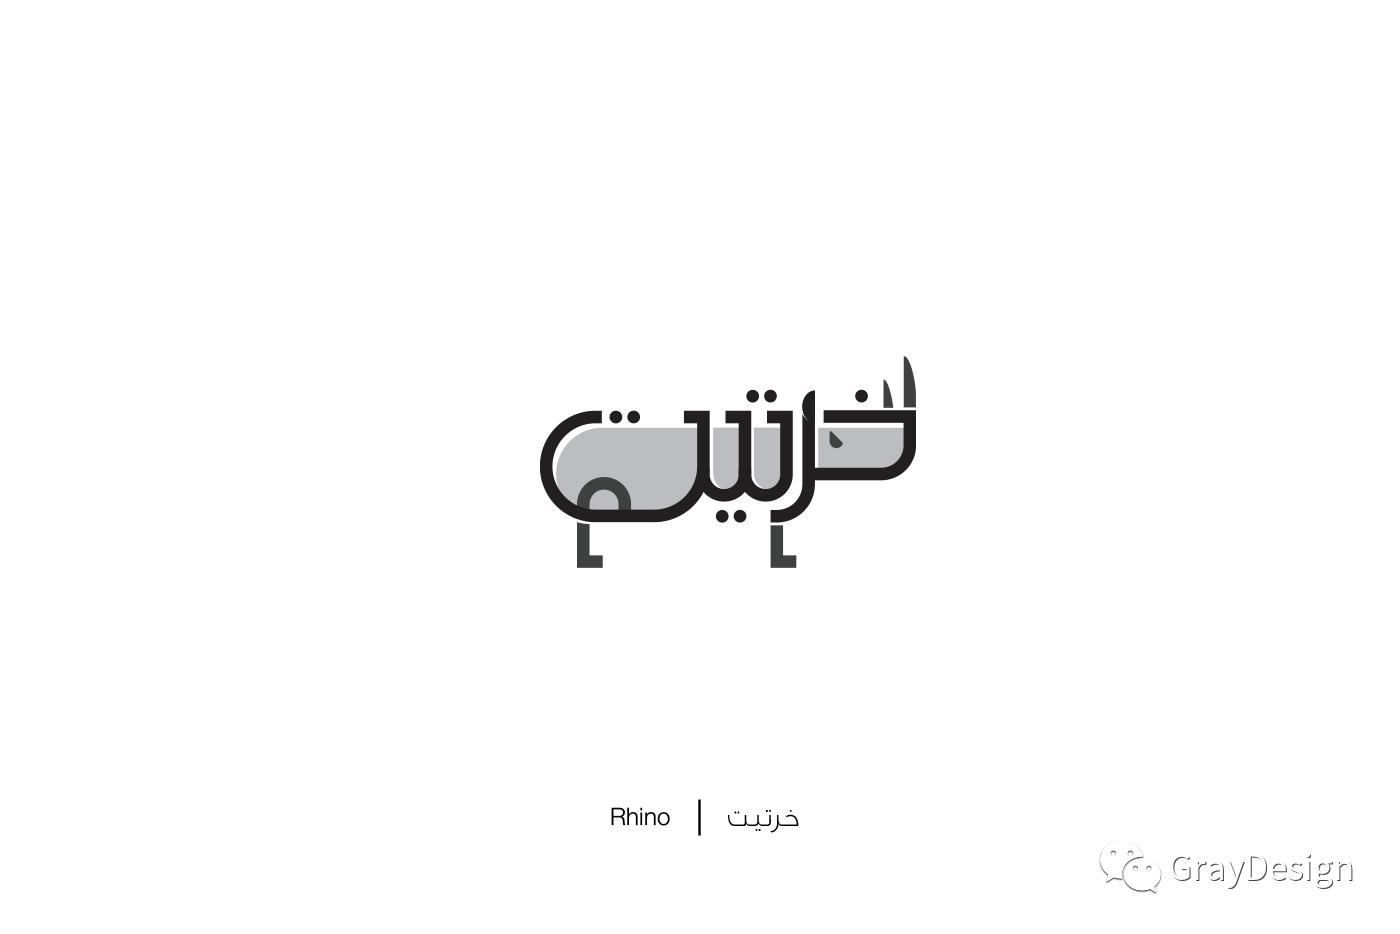 维吾尔语和阿拉伯语 浅析阿拉伯语与维吾尔语字母及... - 豆丁网